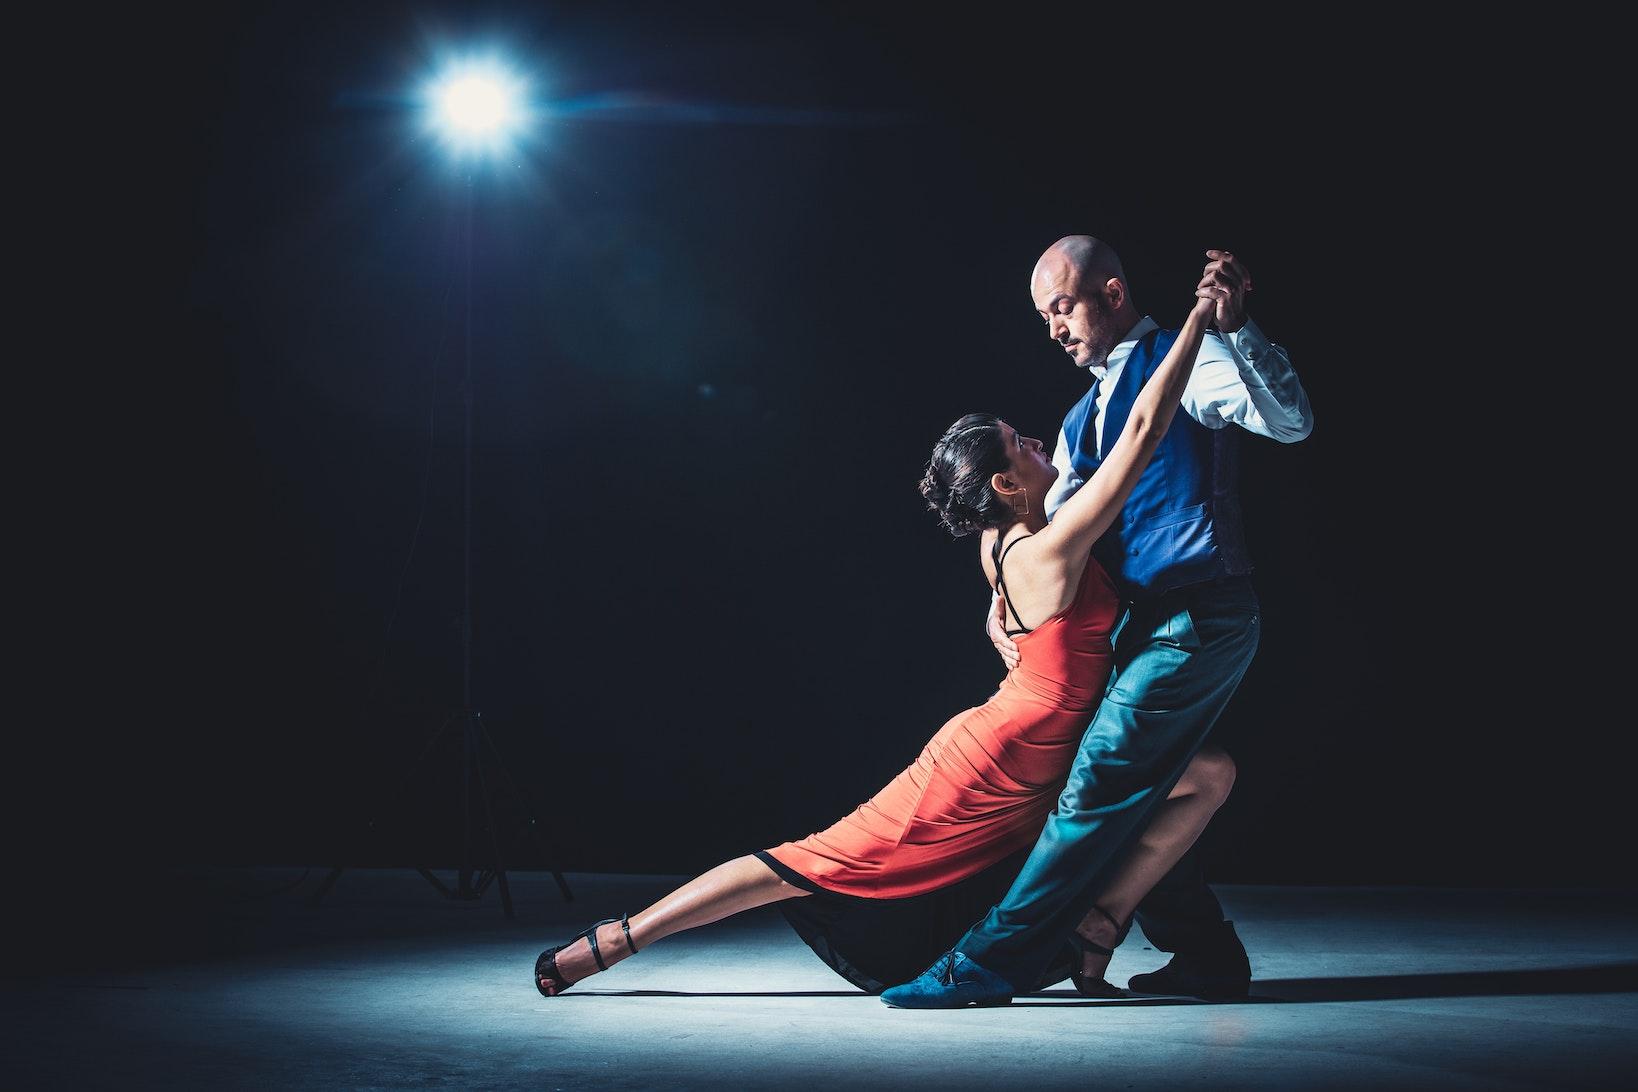 SEO in tango